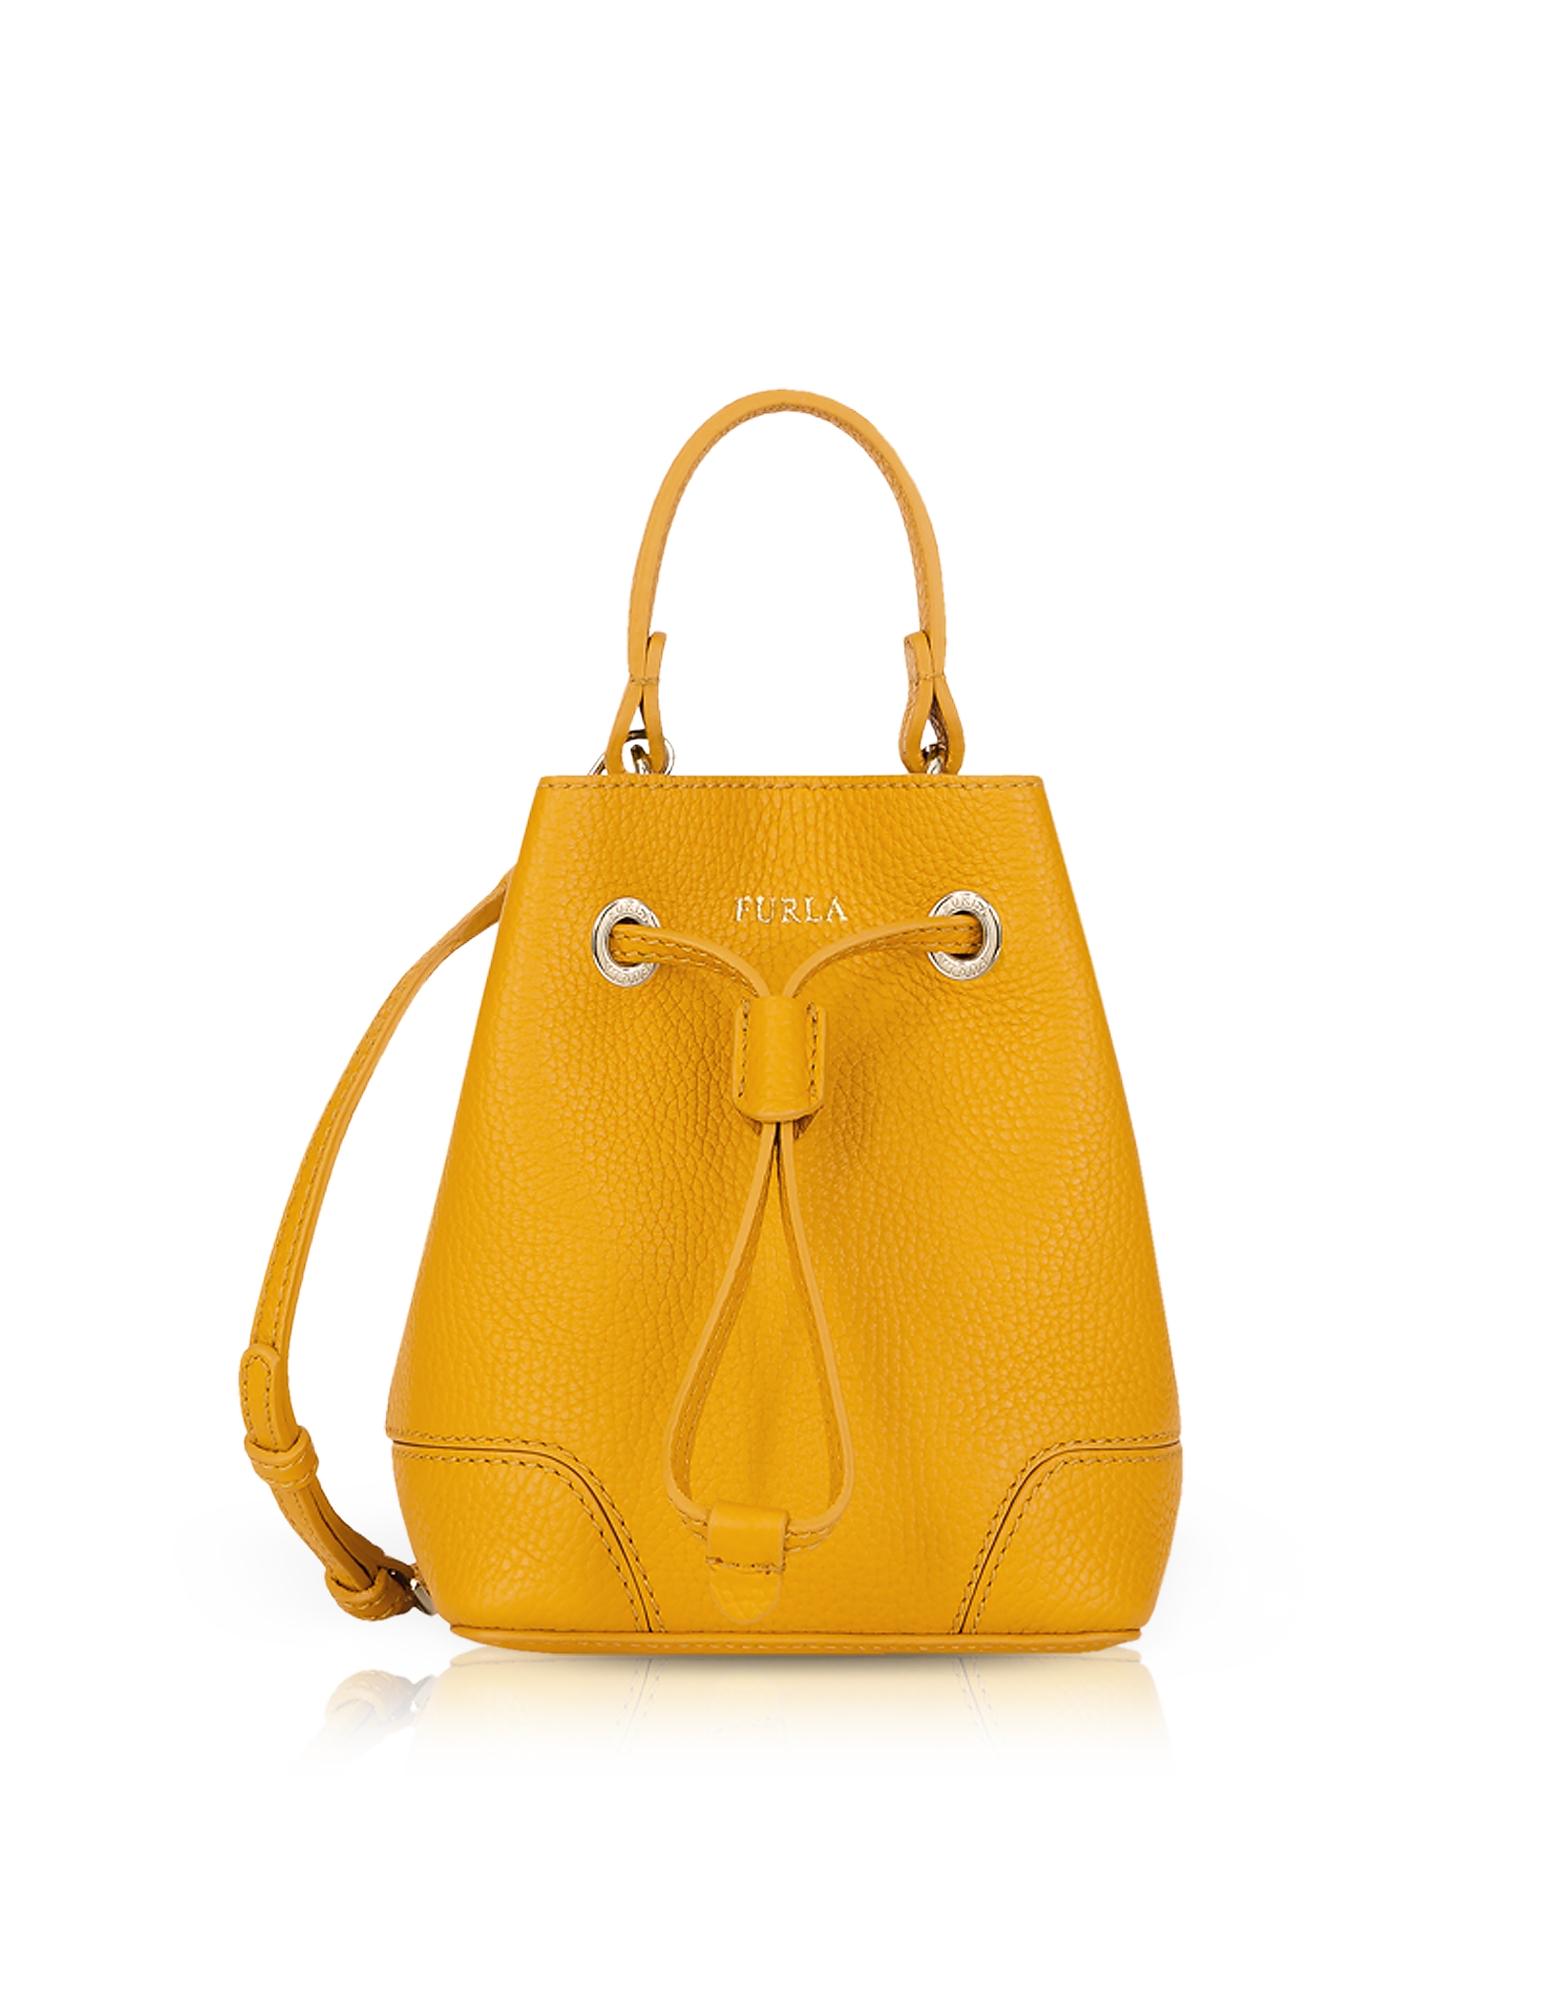 Stacy Mini Drawstring Bucket Bag